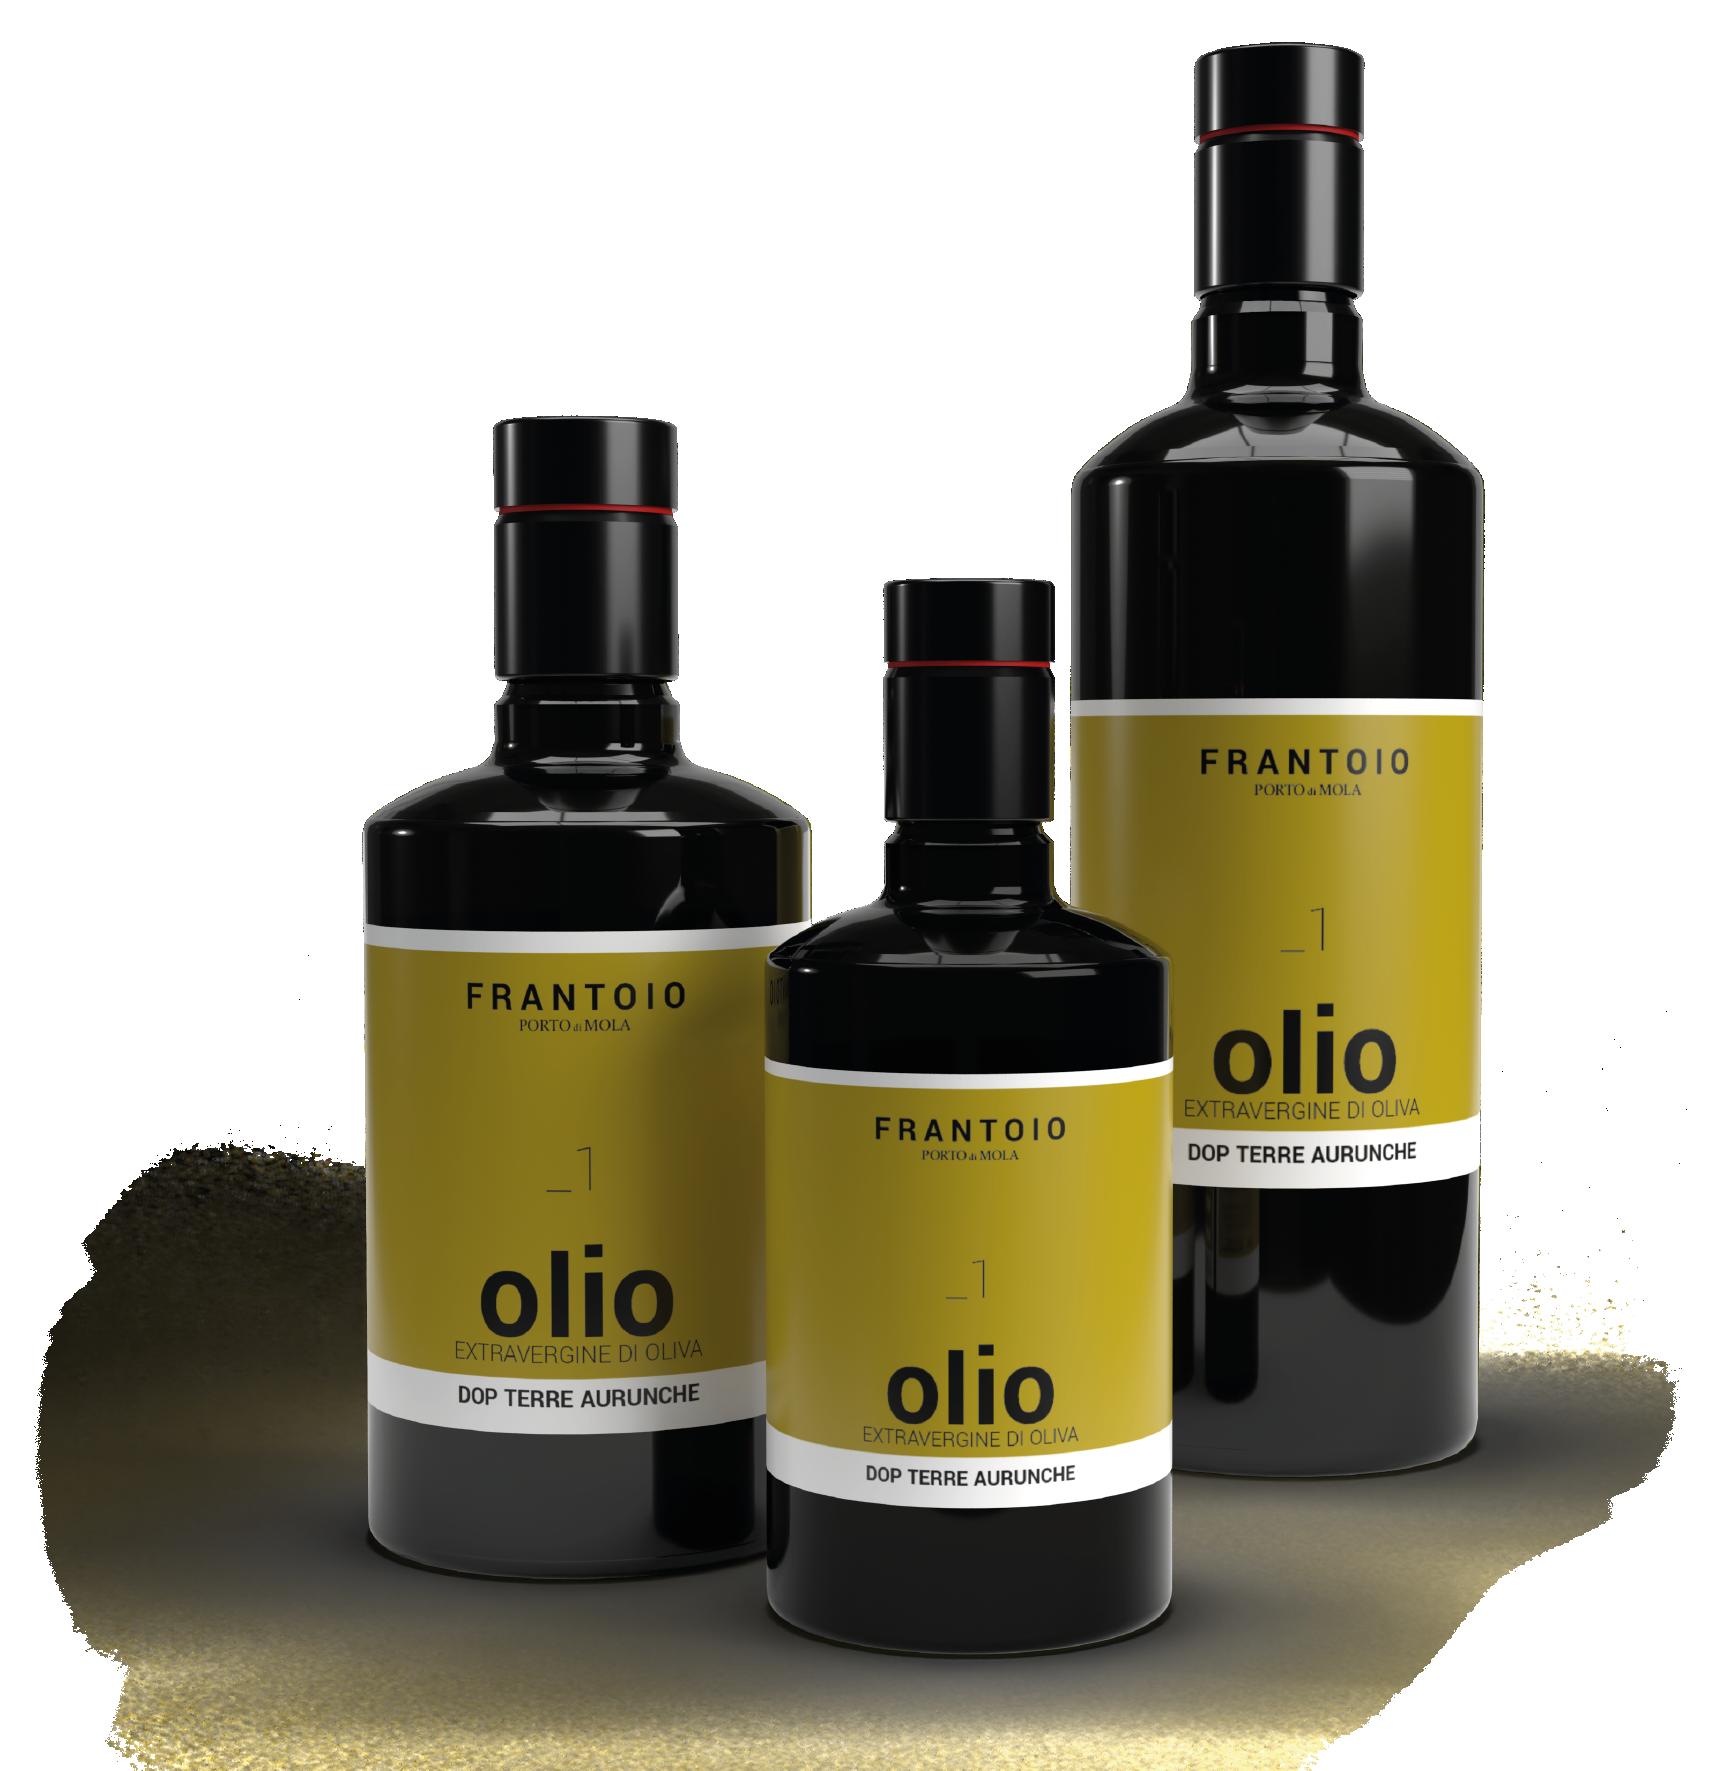 Bottiglie di Extravergine Di Oliva DOP delle Terre Aurunche